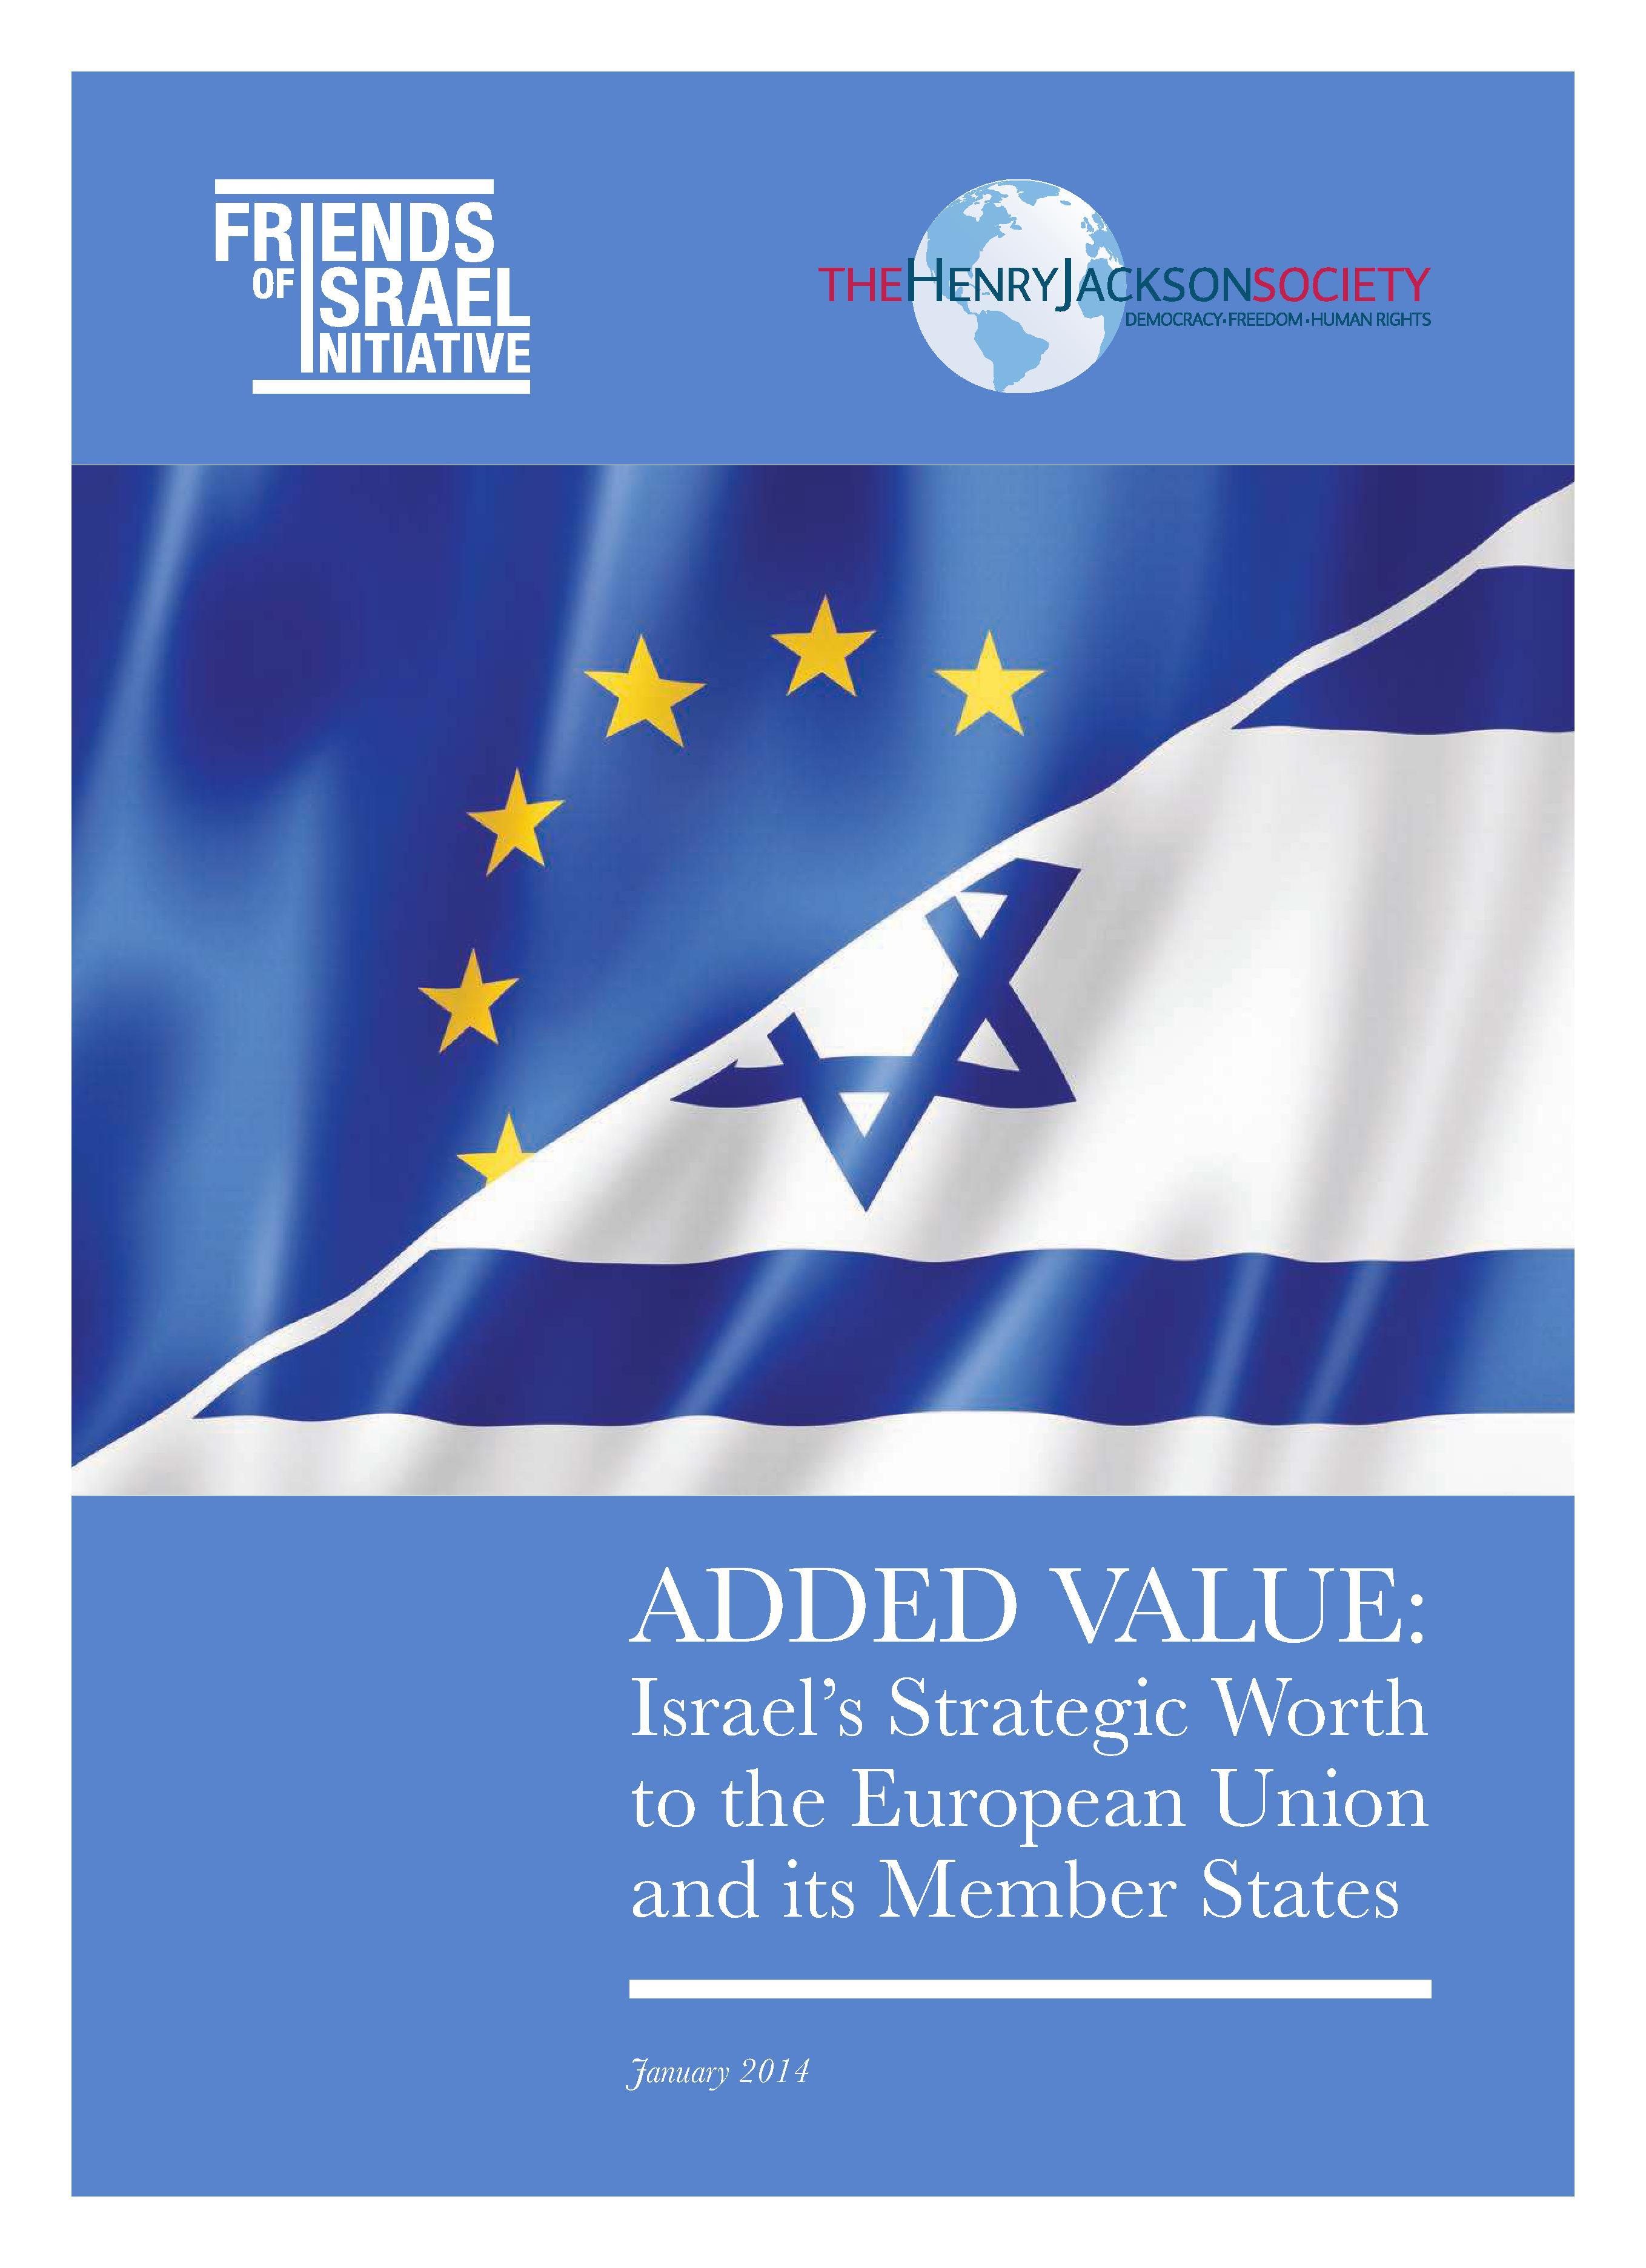 Imagini pentru ISRAEL EUROPEAN,LOGO